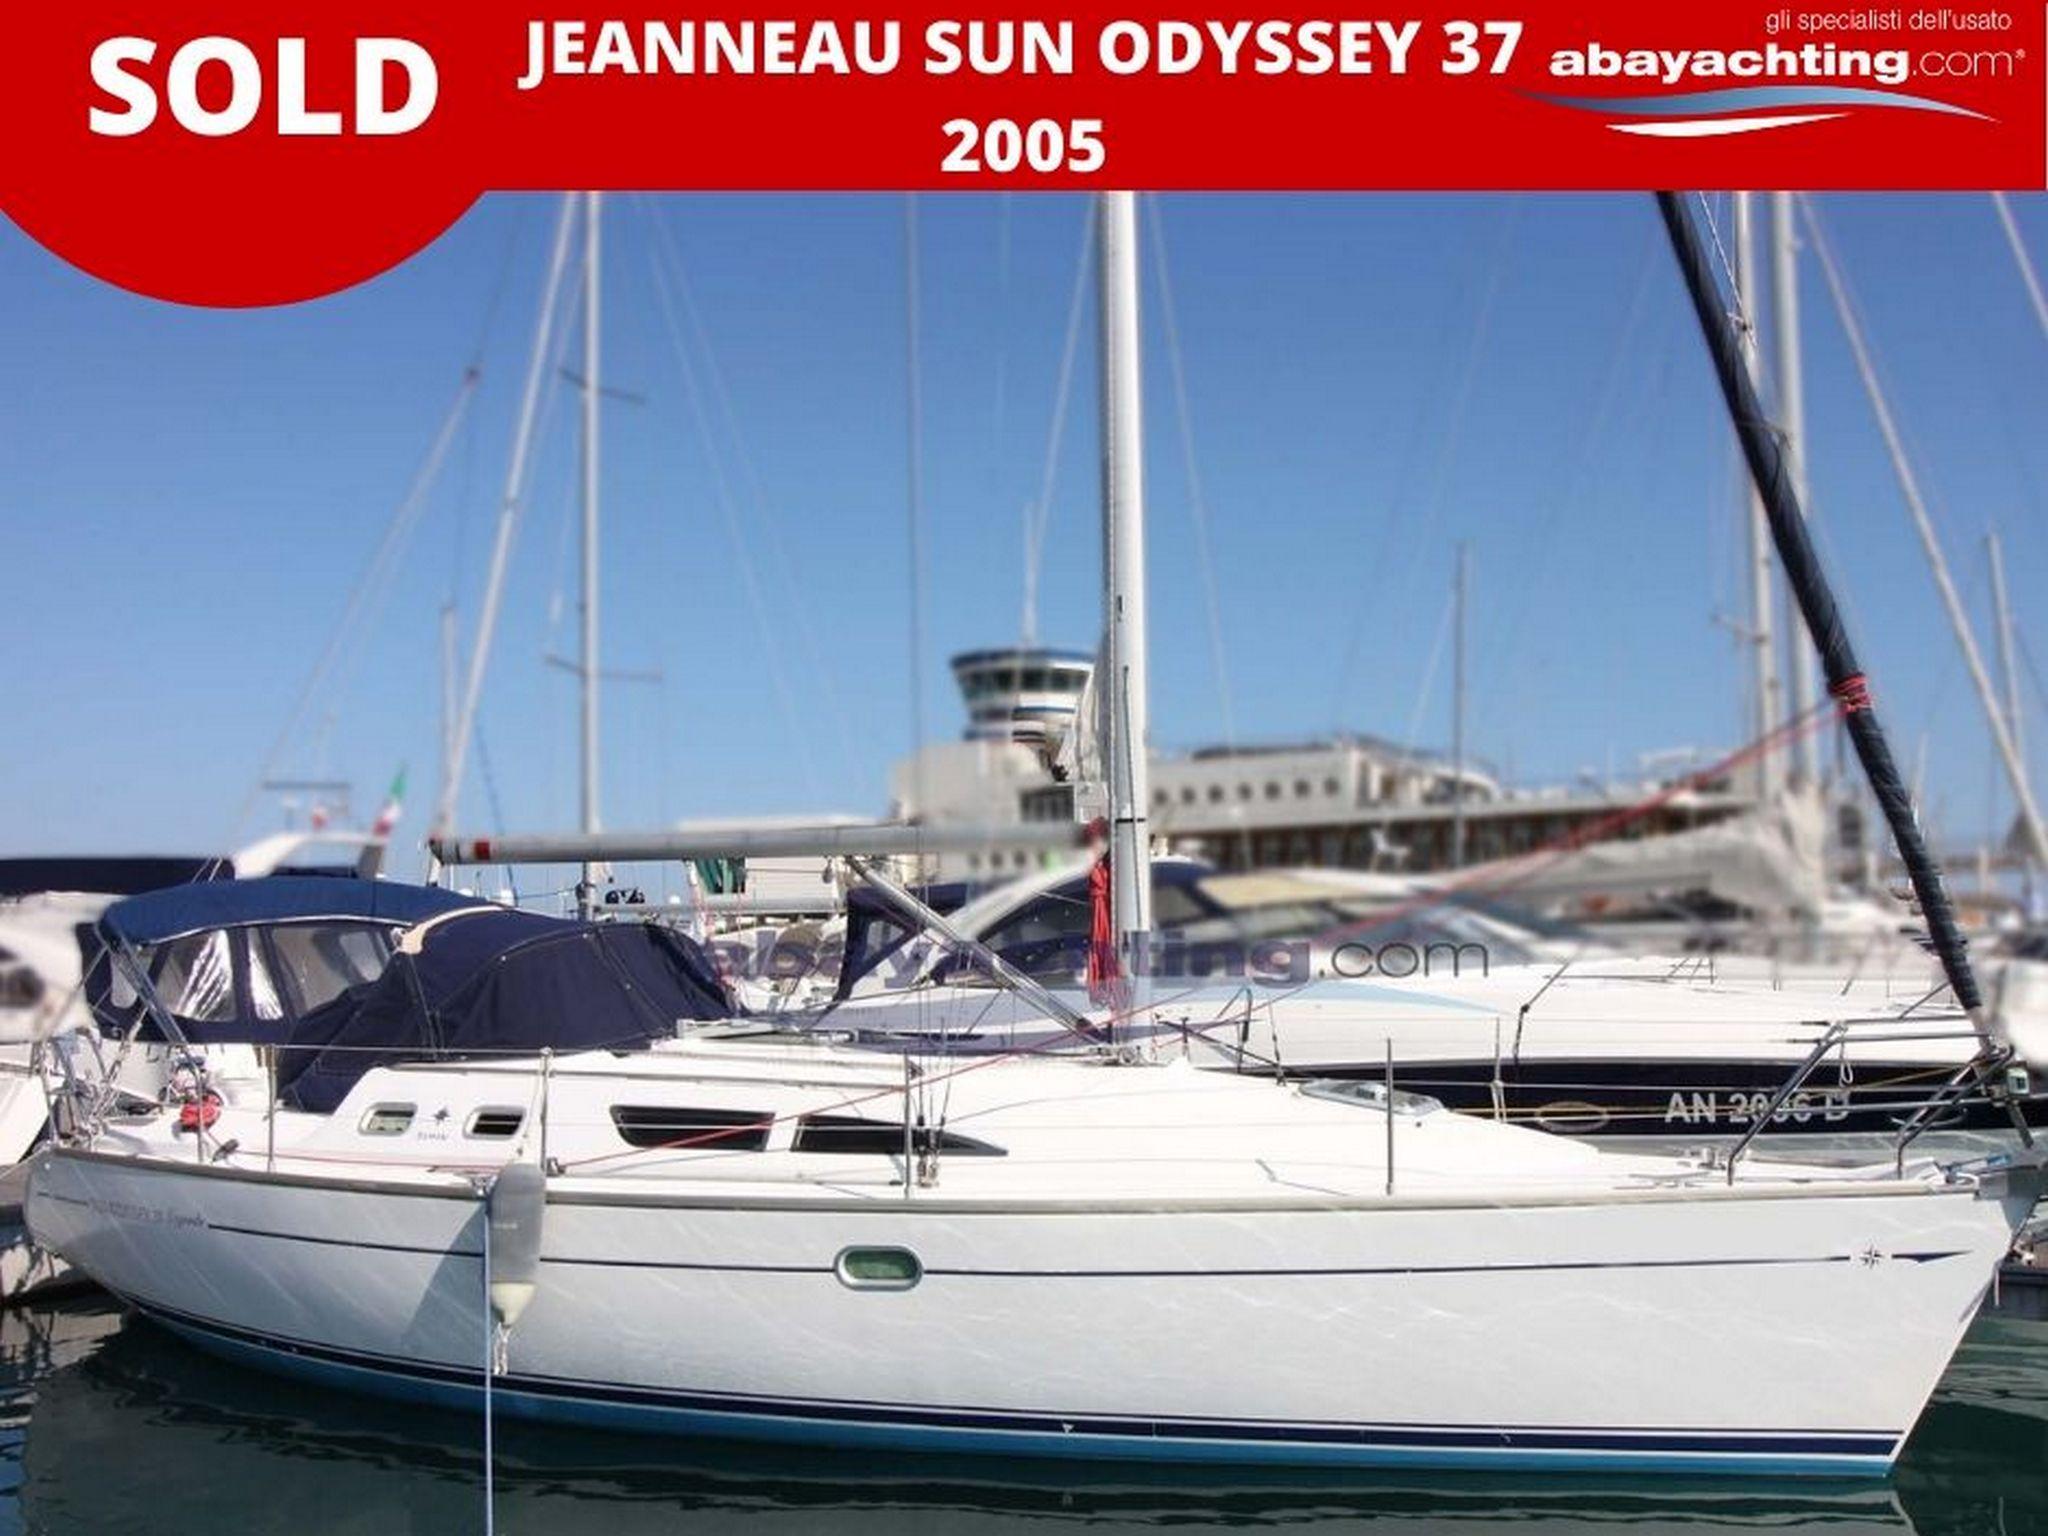 Jeanneau Sun Odyssey 37 vendu